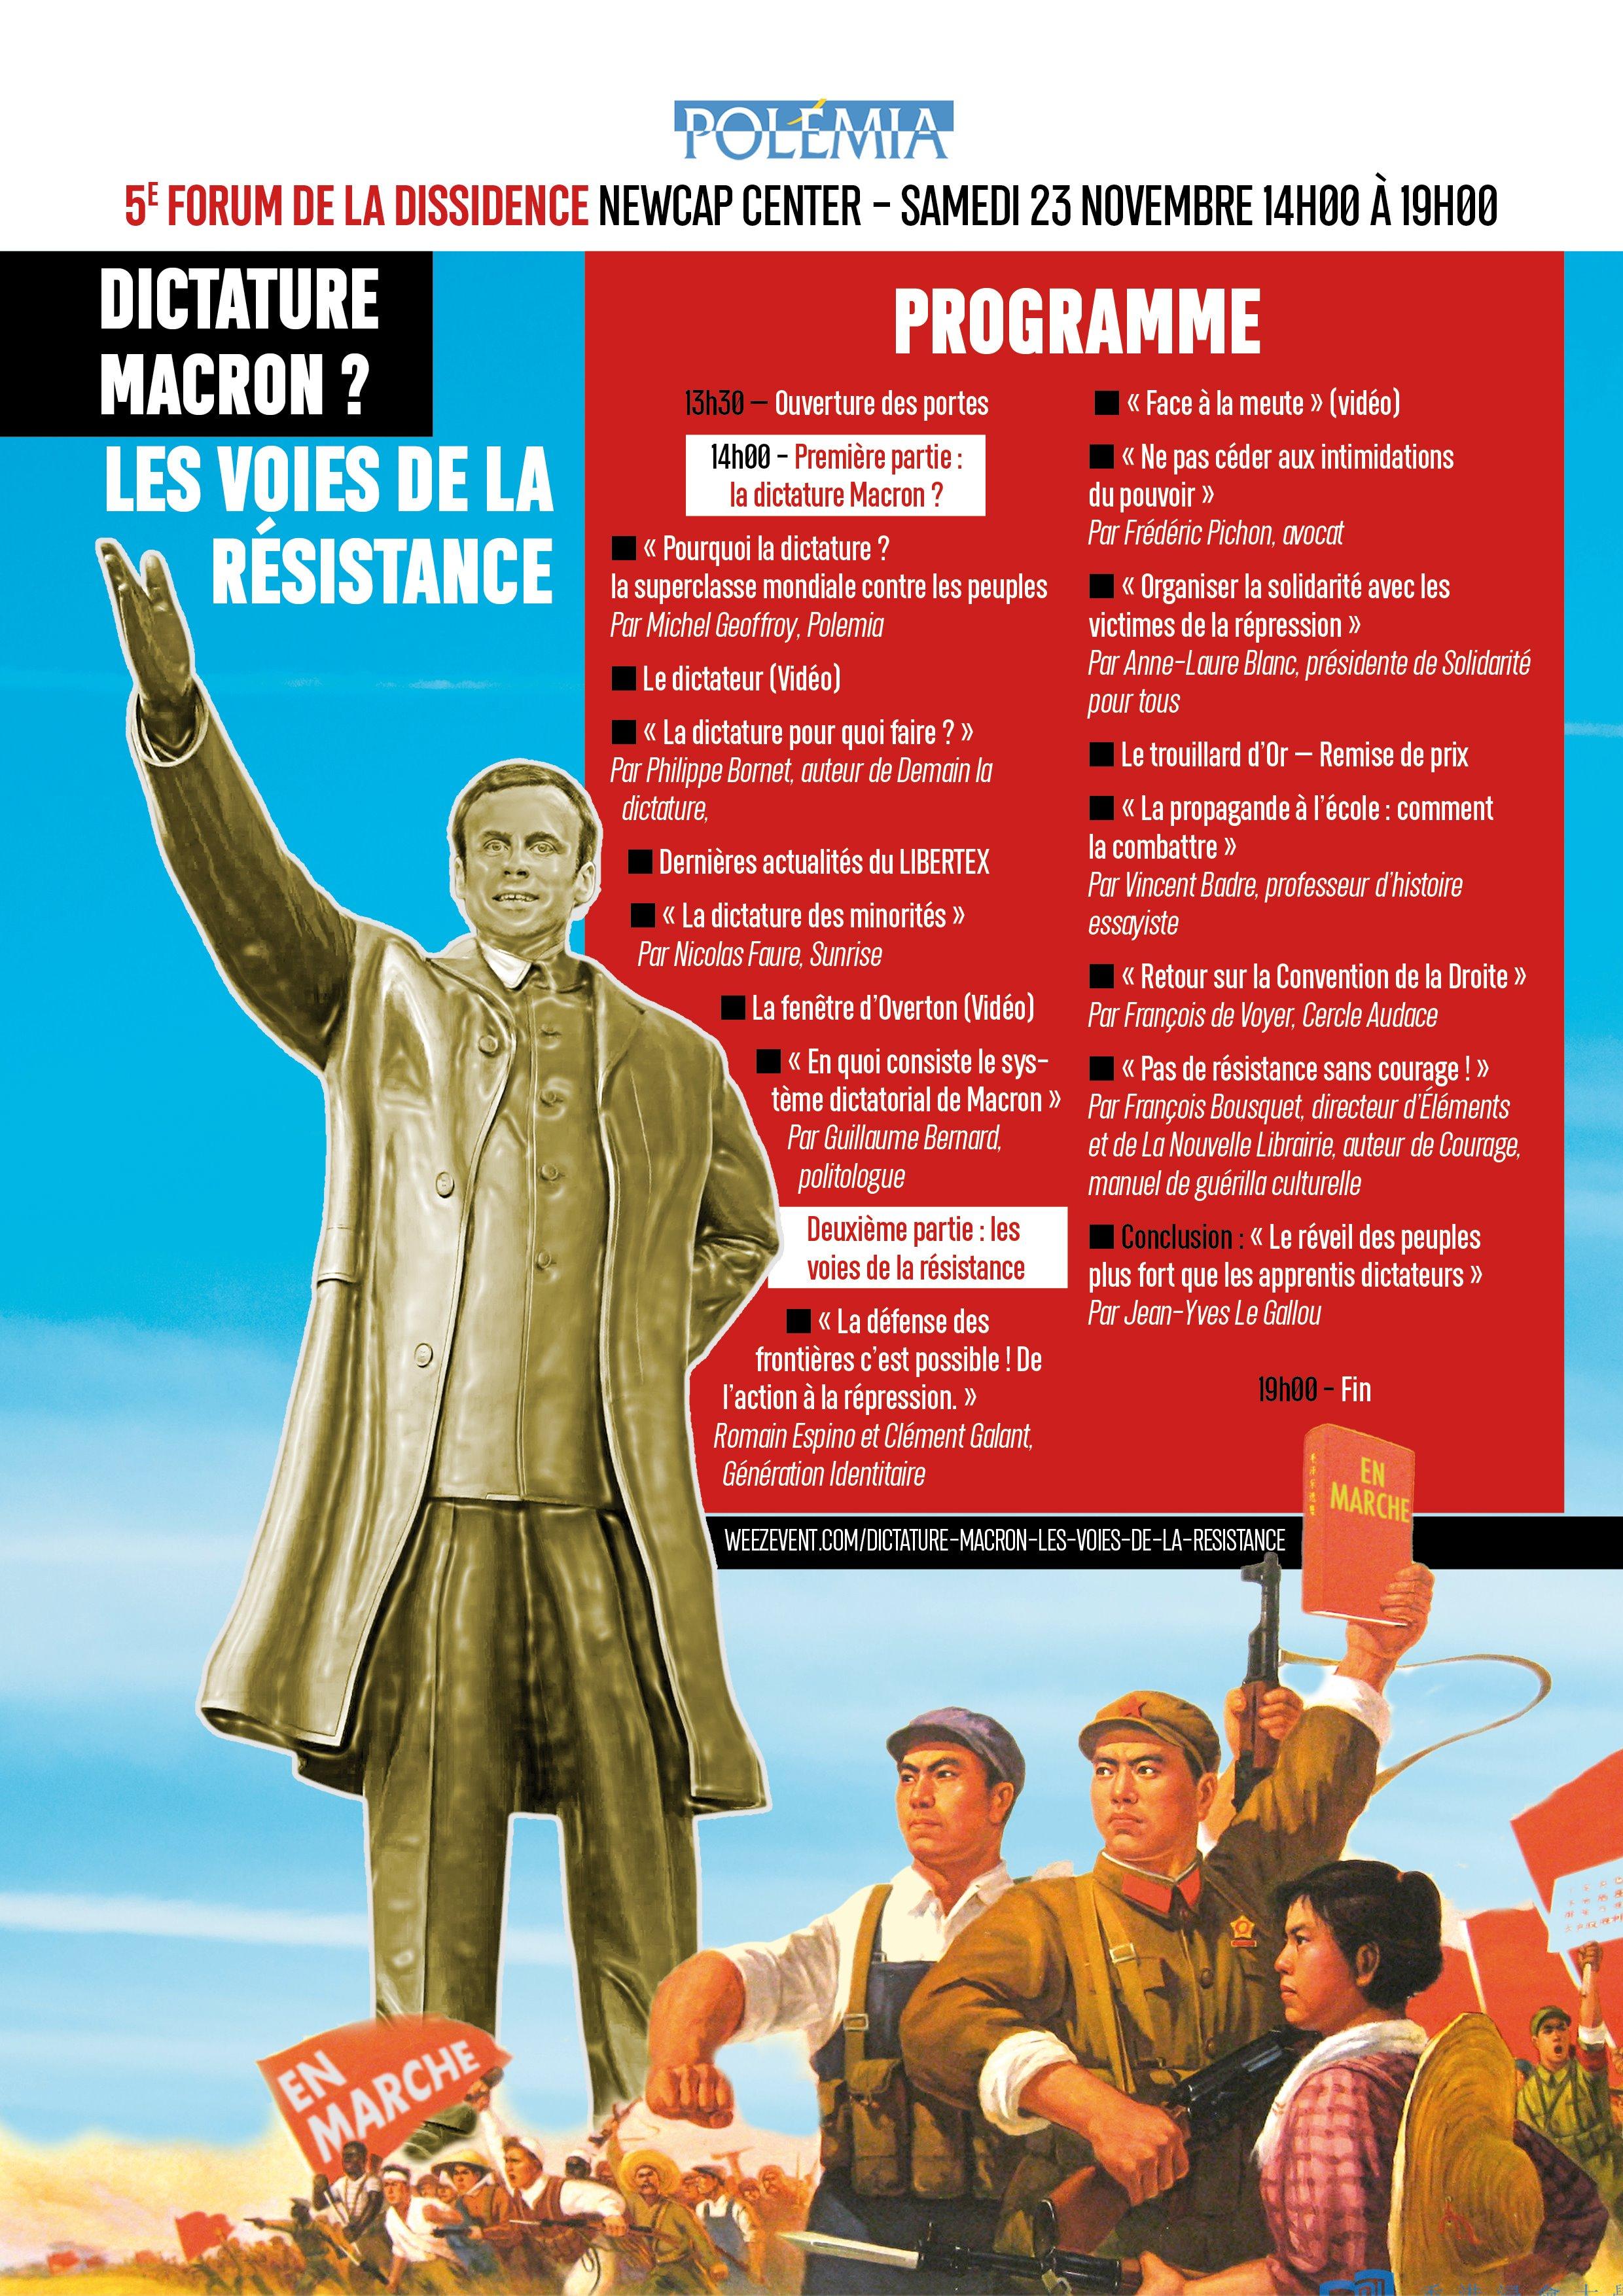 Programme du Forum de la Dissidence - Dictature Macron